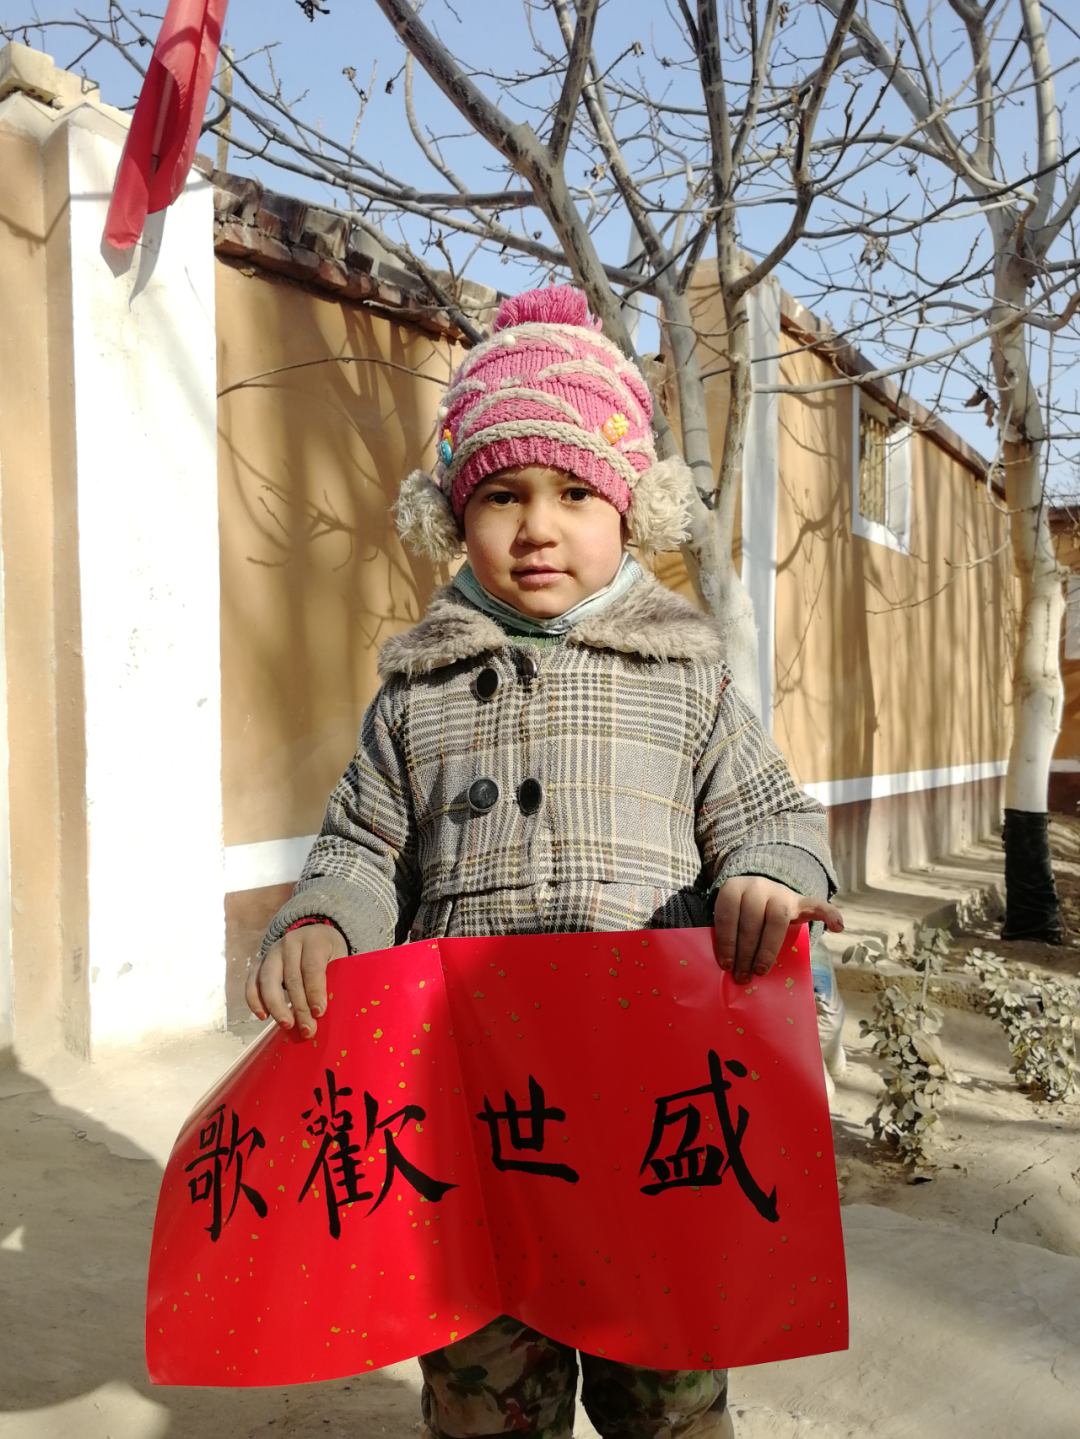 【云相聚,话团圆】 新疆大学结亲干部千里送祝福,共度中国年图片